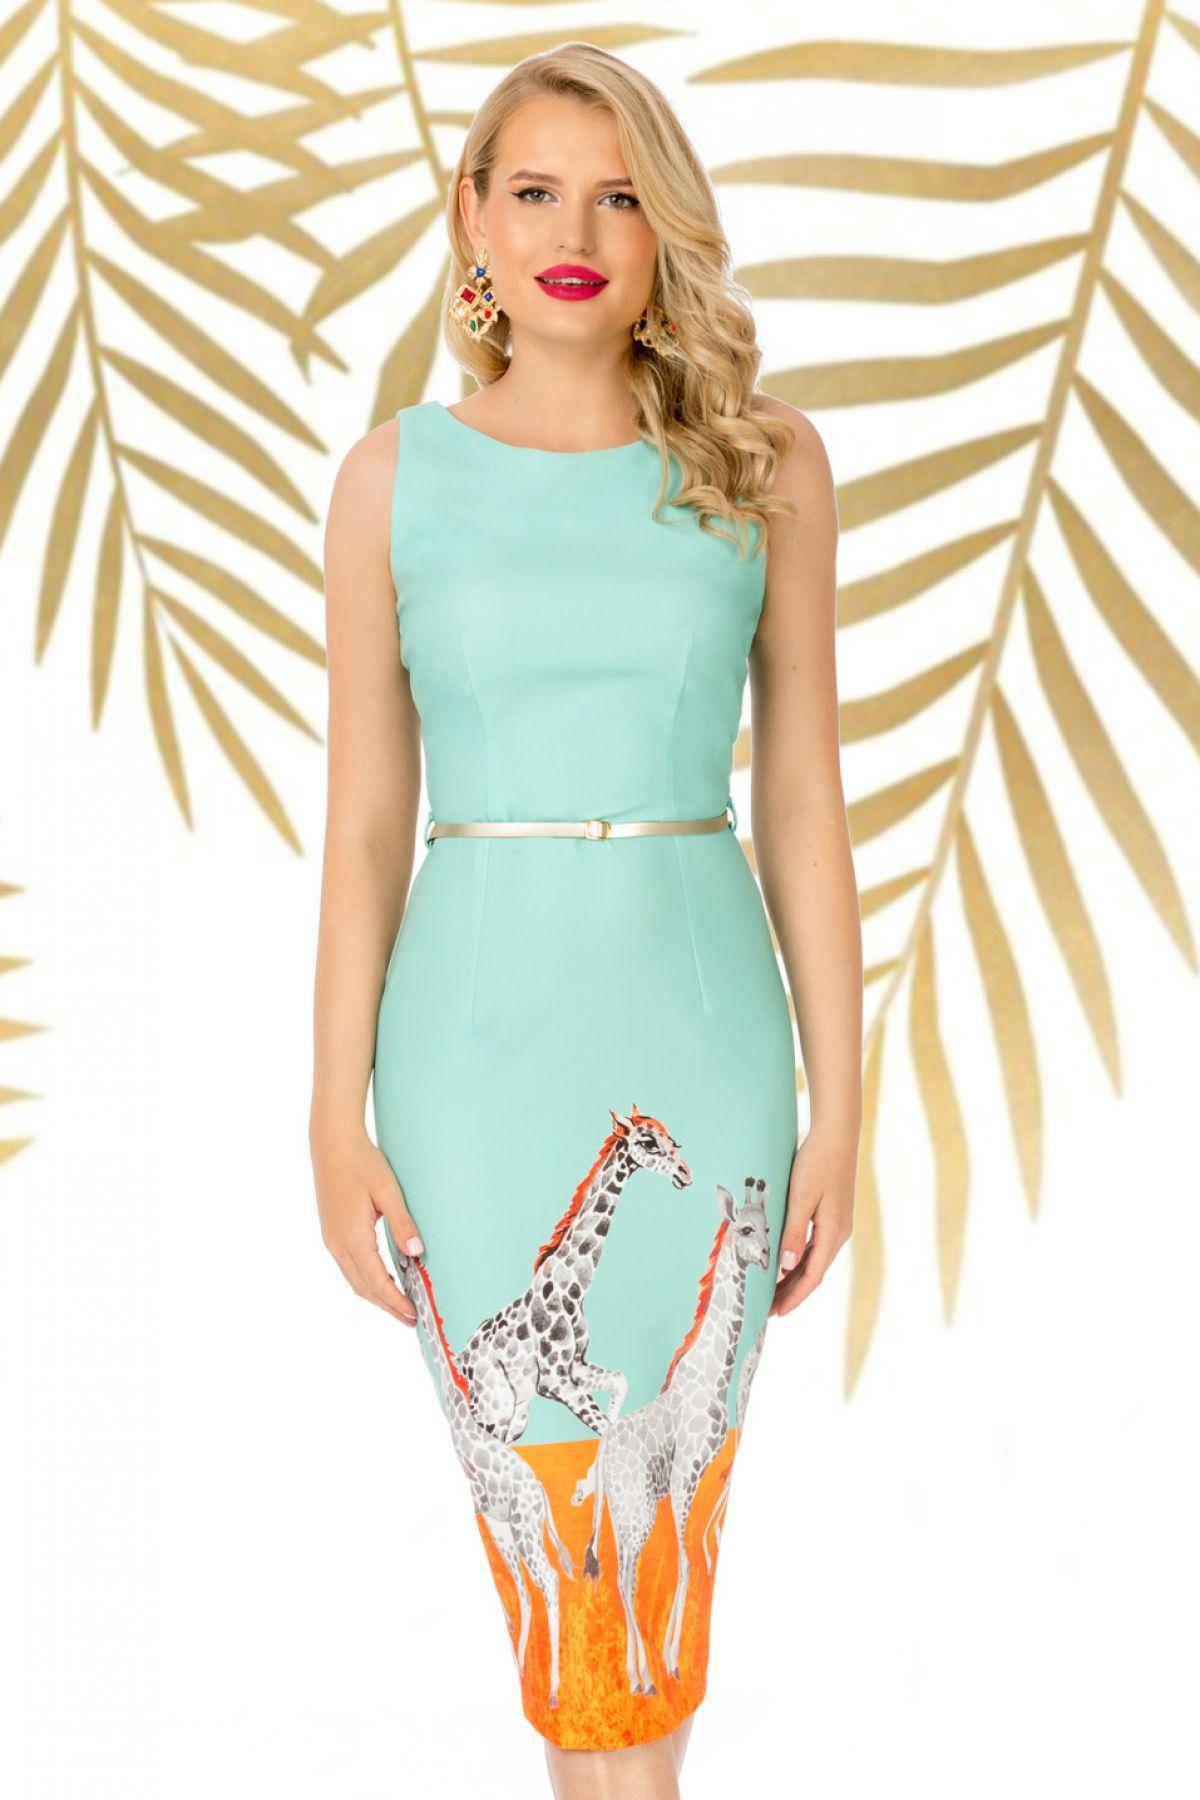 Rochie Pretty Girl mint de zi conica cu imprimeu girafa si curea in talie